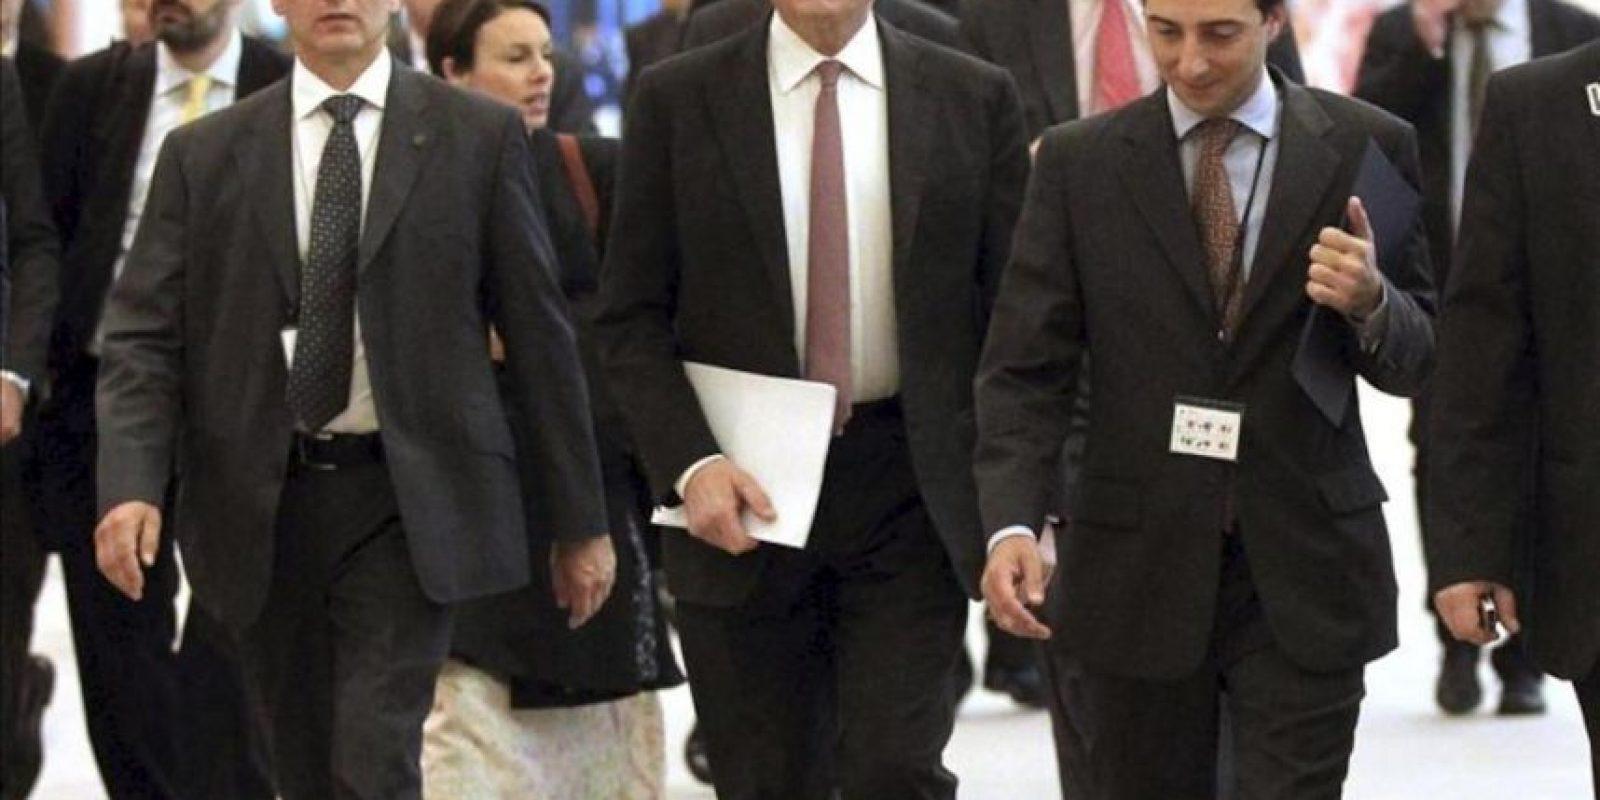 El presidente del Banco Central Europeo, Mario Draghi (c), a su llegada hoy a la Comisión de Asuntos Económicos y Monetarios del Parlamento Europeo, en Bruselas. EFE